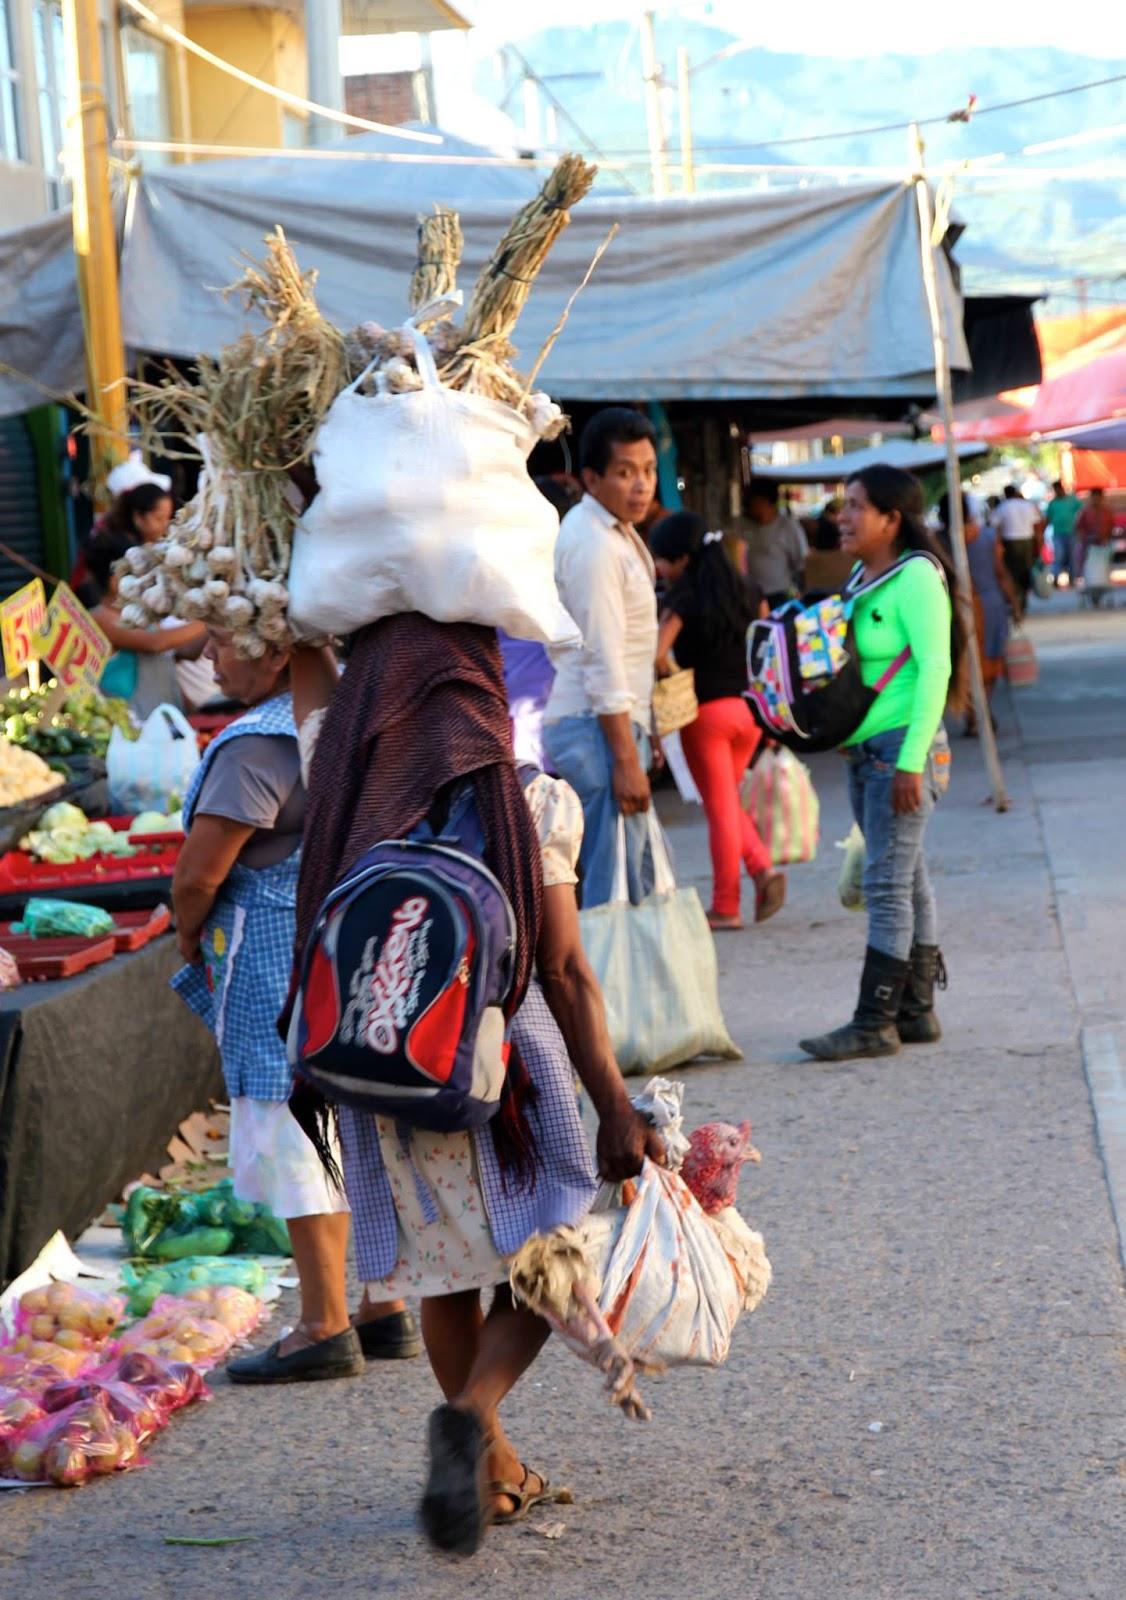 Travel Notes: Oaxaca, Mexico